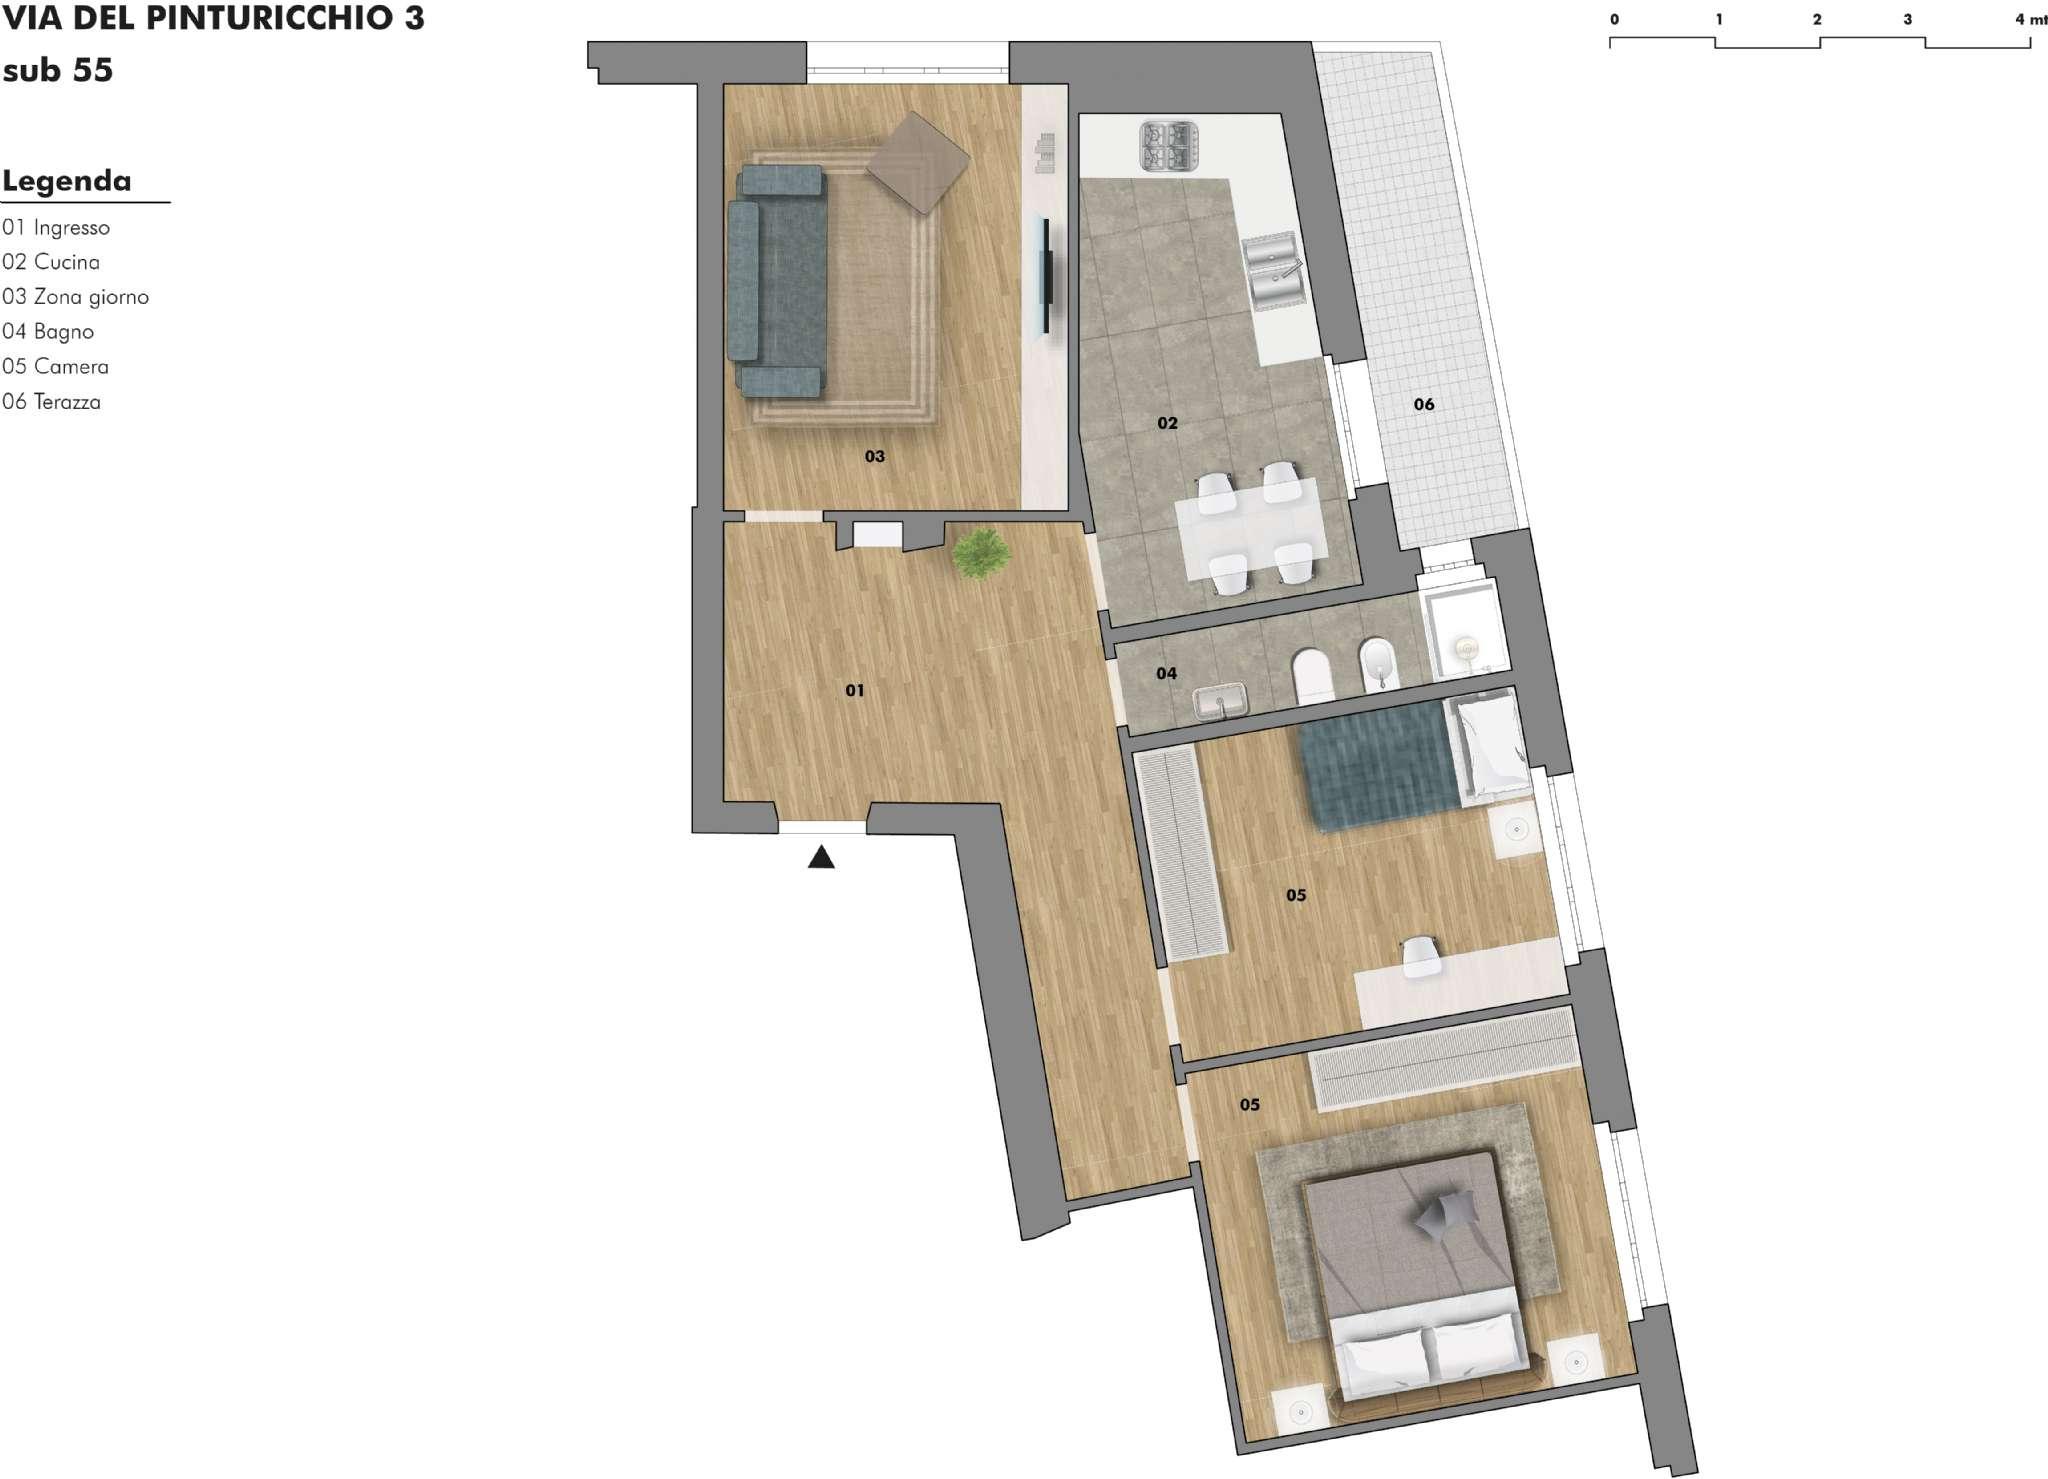 Appartamento in vendita a Trieste, 3 locali, prezzo € 96.000 | CambioCasa.it